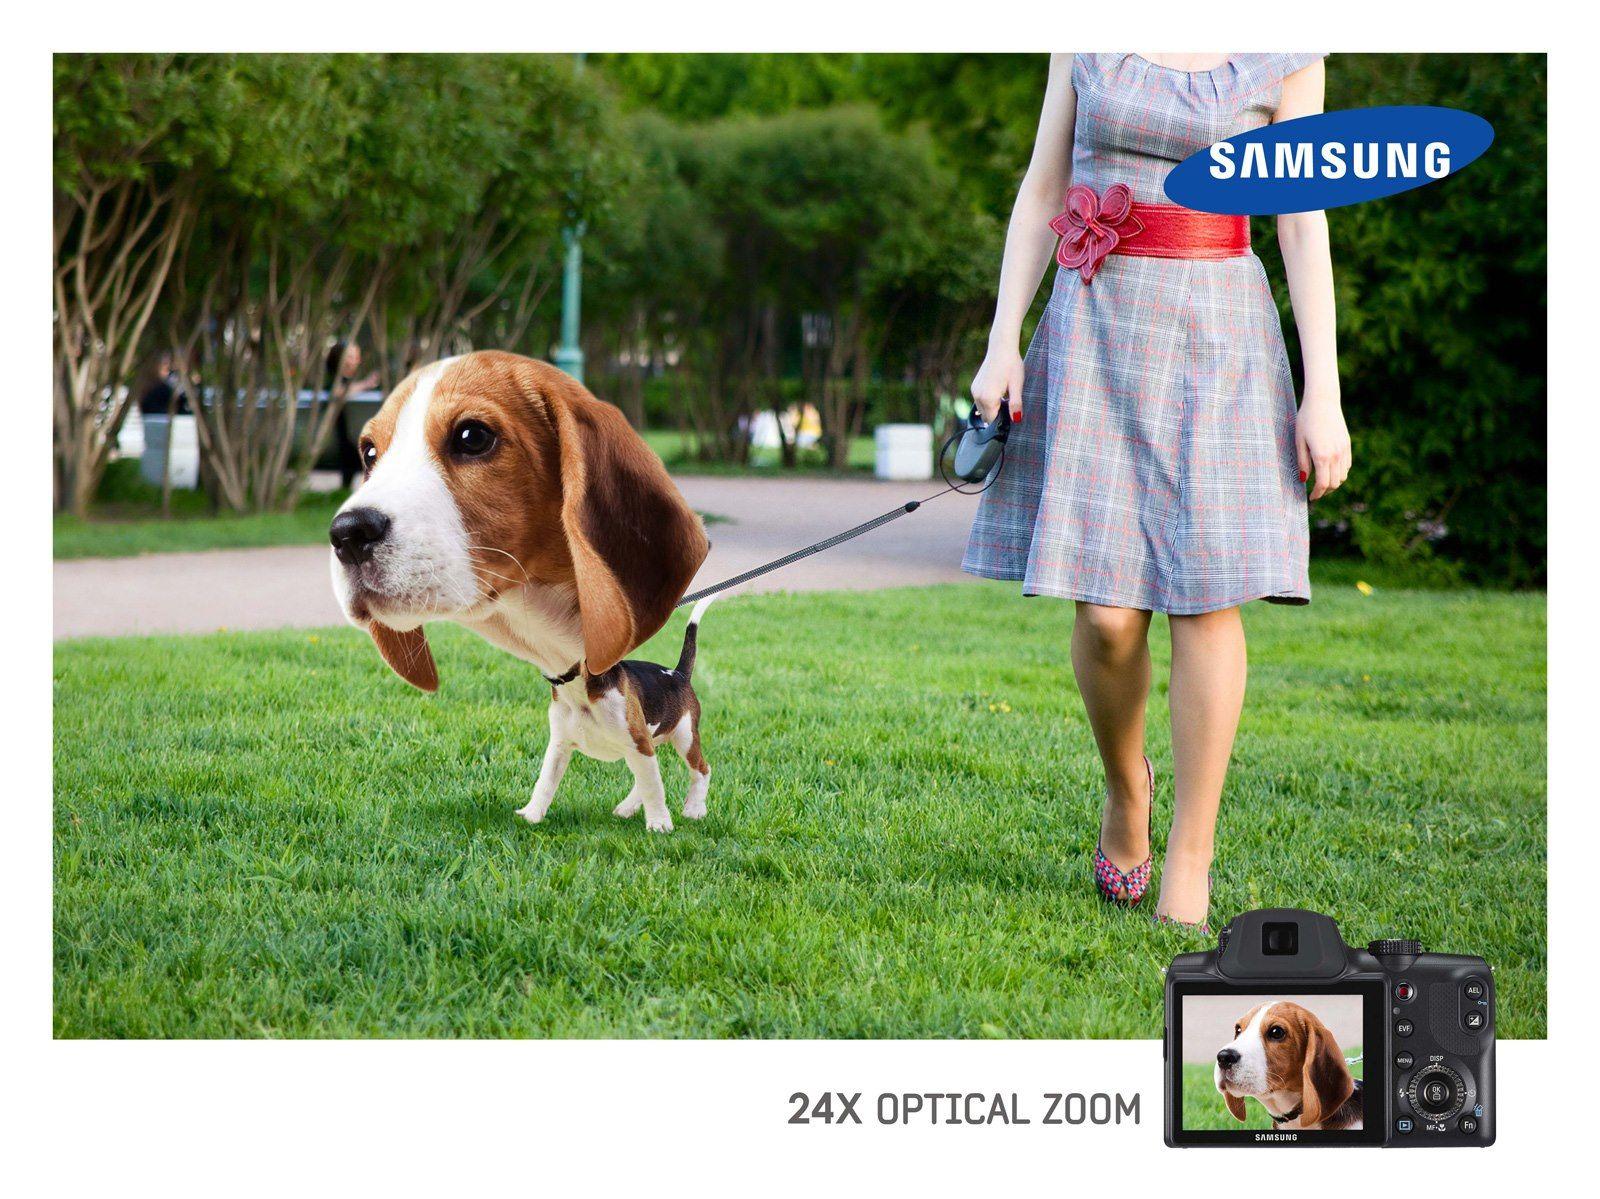 """Publicidade + Criatividade :     Anúncio feito pela Impact BBDO (Líbano), para a campanha """"24x optical zoom"""" da Samsung."""